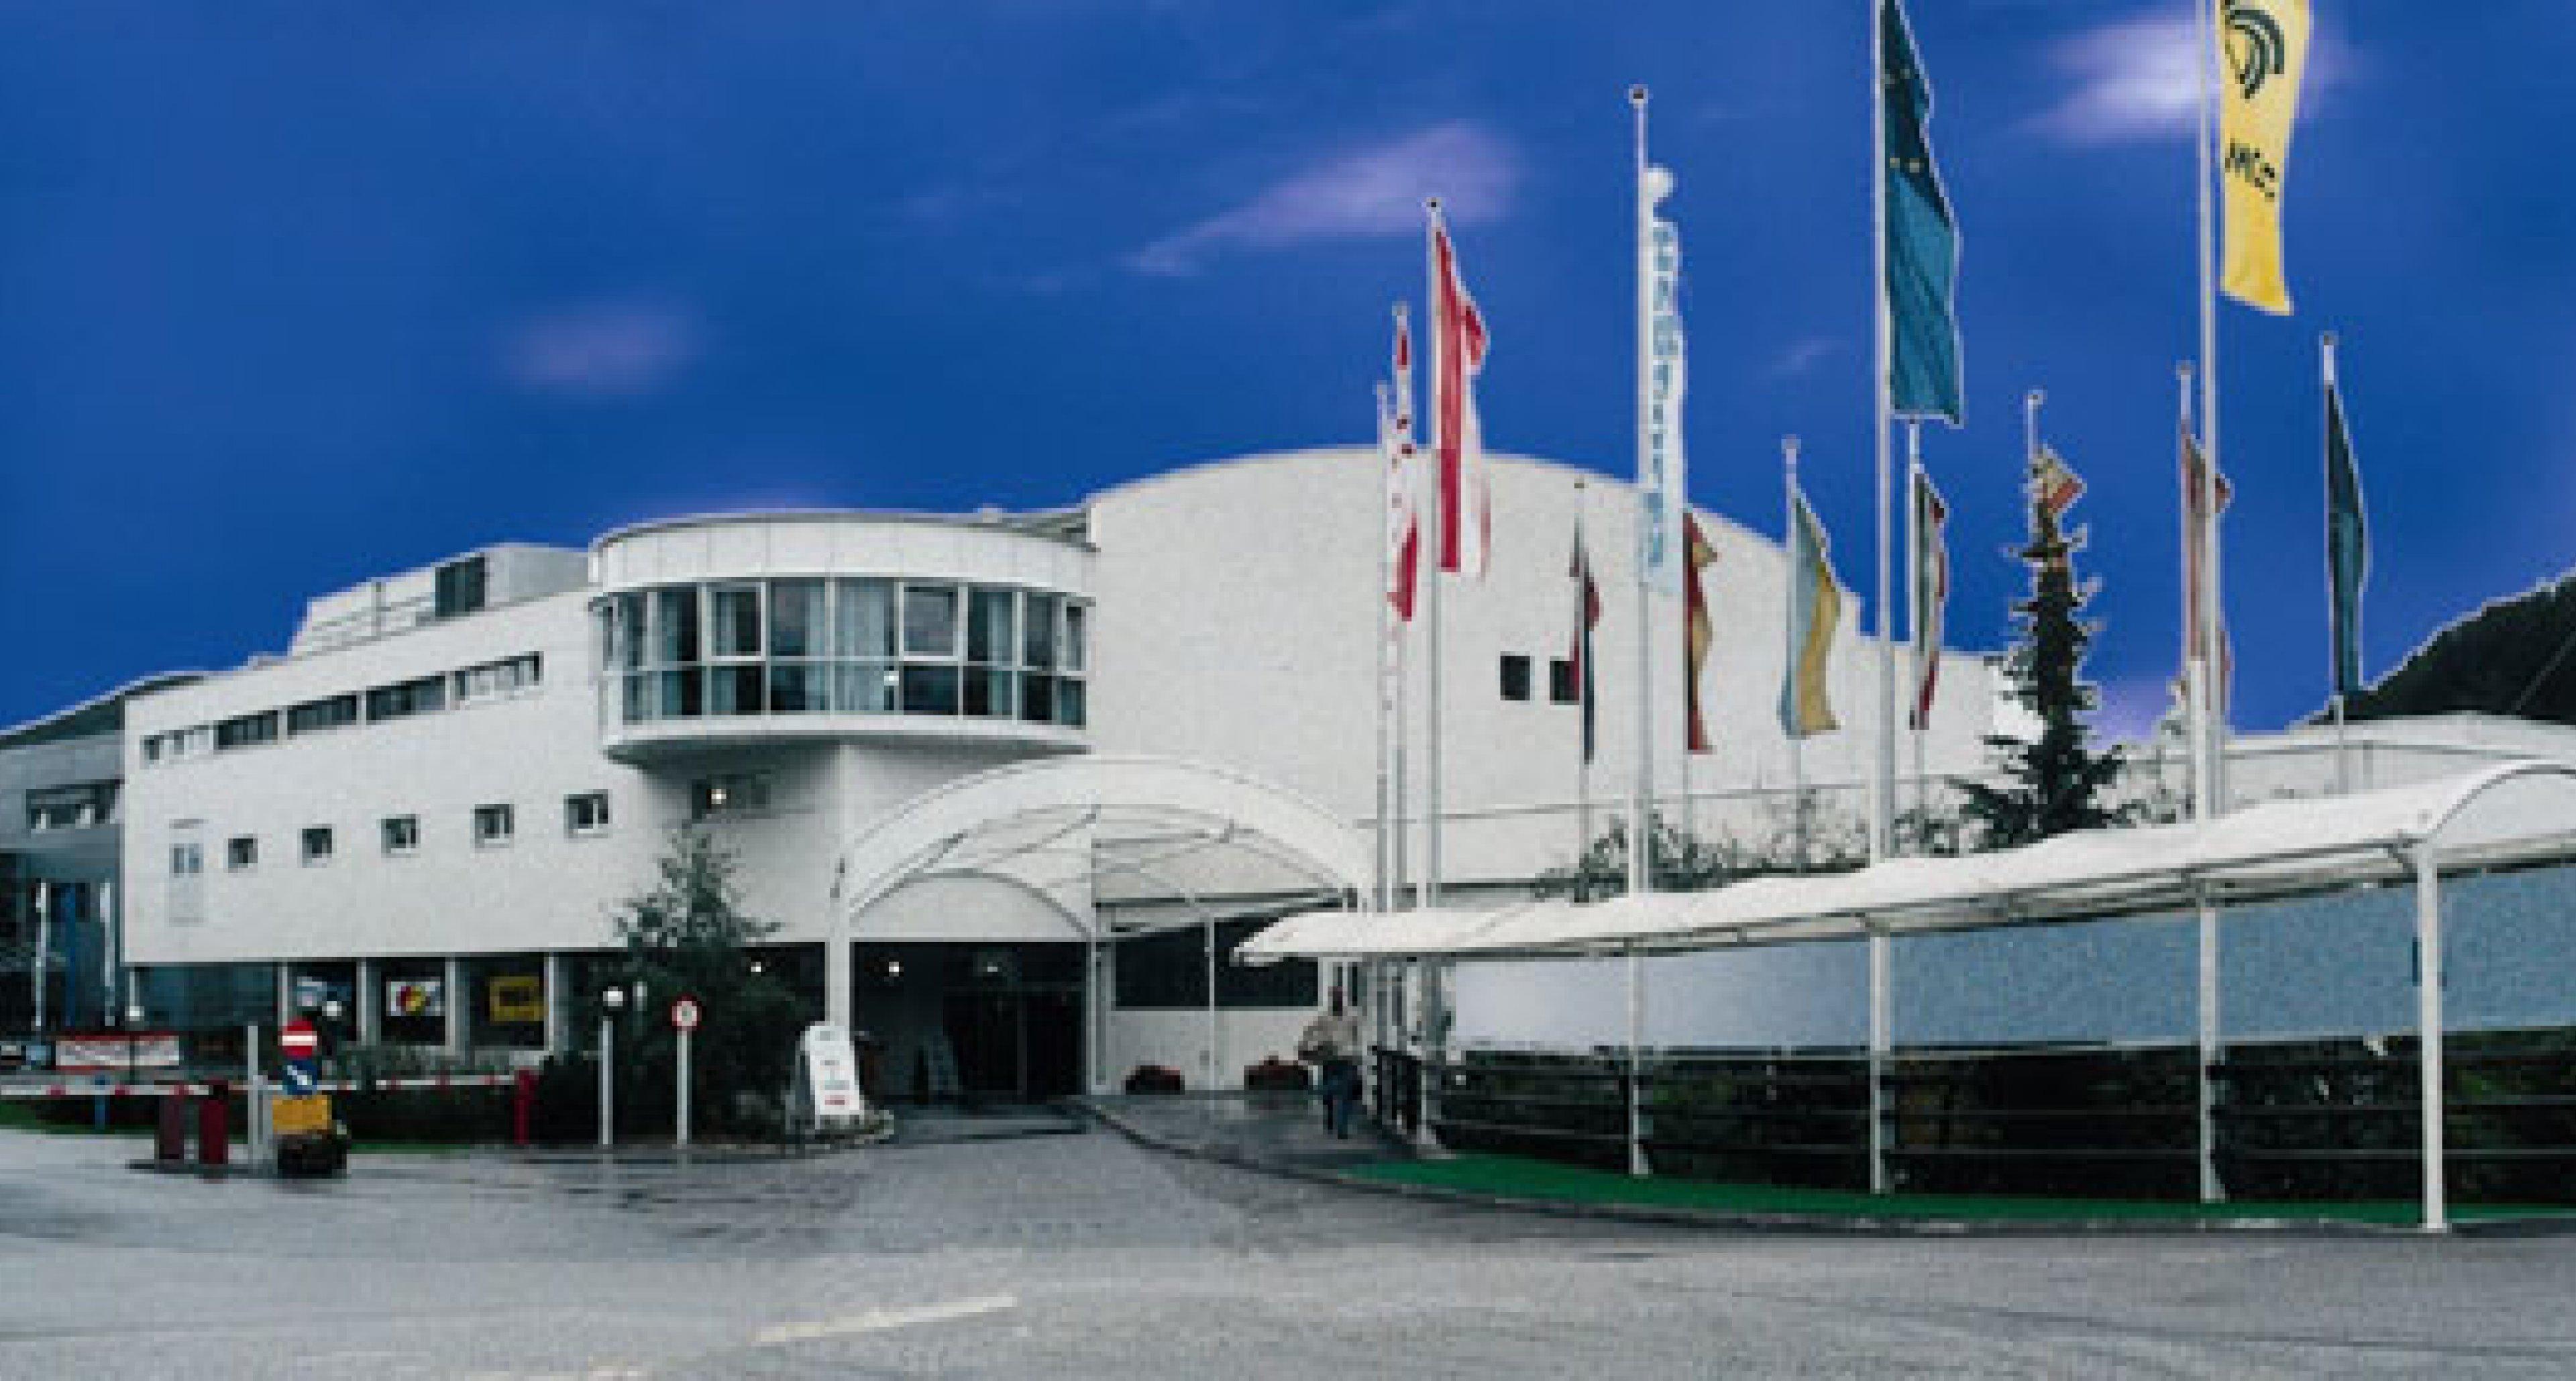 Salon für historische und klassische Fahrzeuge - Publikumsmesse vom 30. Juli bis 1. August 2004 in Salzburg